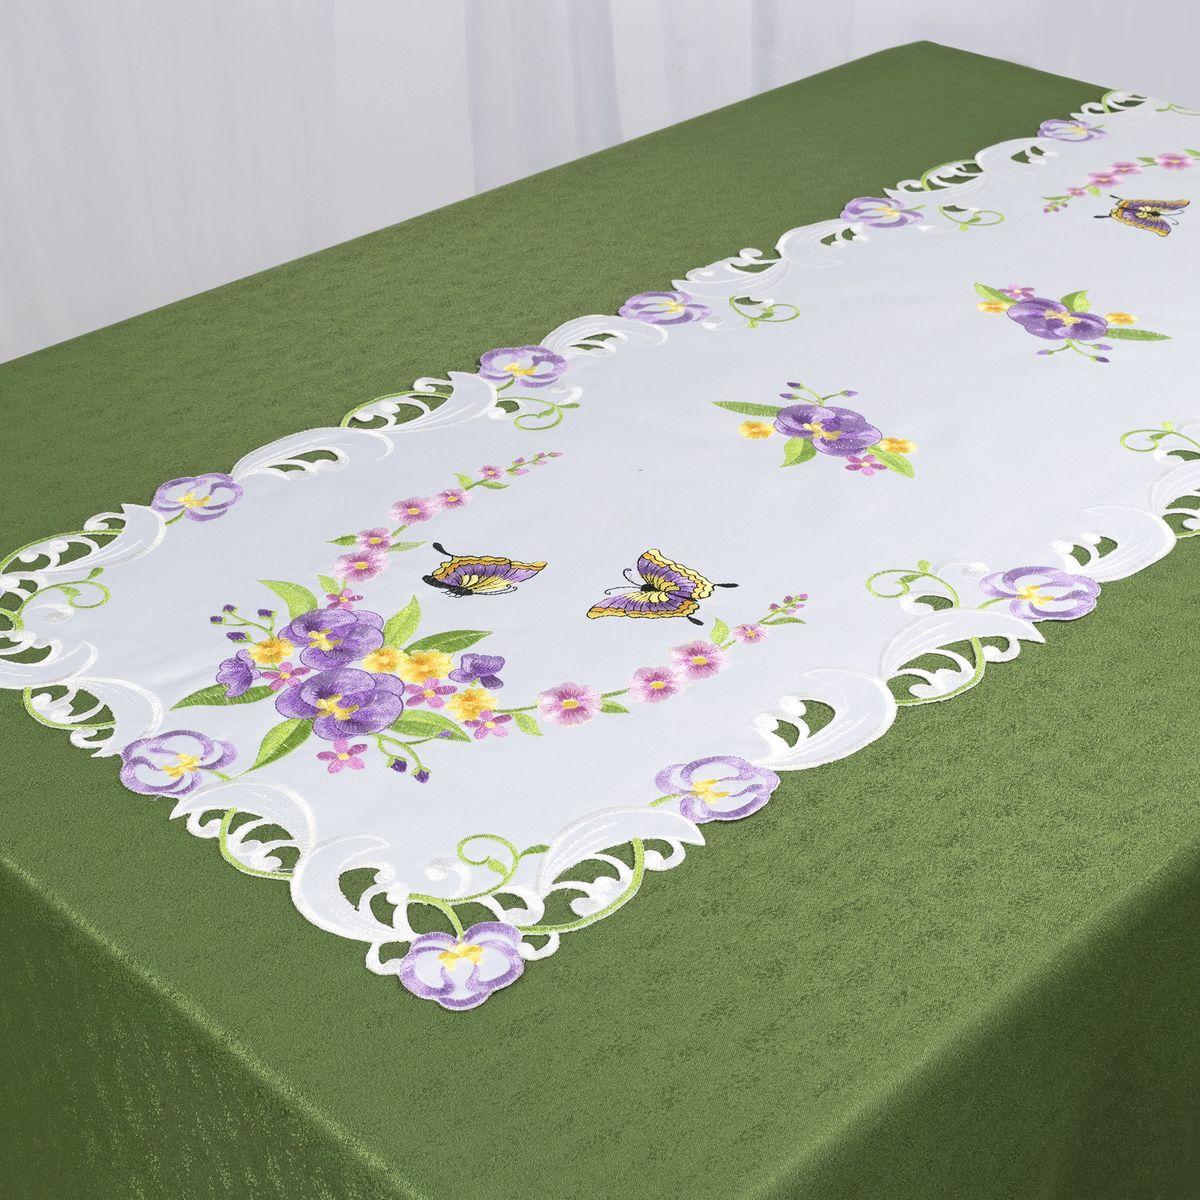 Дорожка для декорирования стола Schaefer, 40 x 110 см, цвет: белый, фиолетовый. 07745-23307745-233Дорожка для декорирования стола Schaefer может быть использована, как основной элемент, так и дополнение для создания уюта и романтического настроения.Дорожка выполнена из полиэстера. Изделие легко стирать: оно не мнется, не садится и быстро сохнет, более долговечно, чем изделие из натуральных волокон.Материал: 100% полиэстер.Размер: 40 x 110 см.